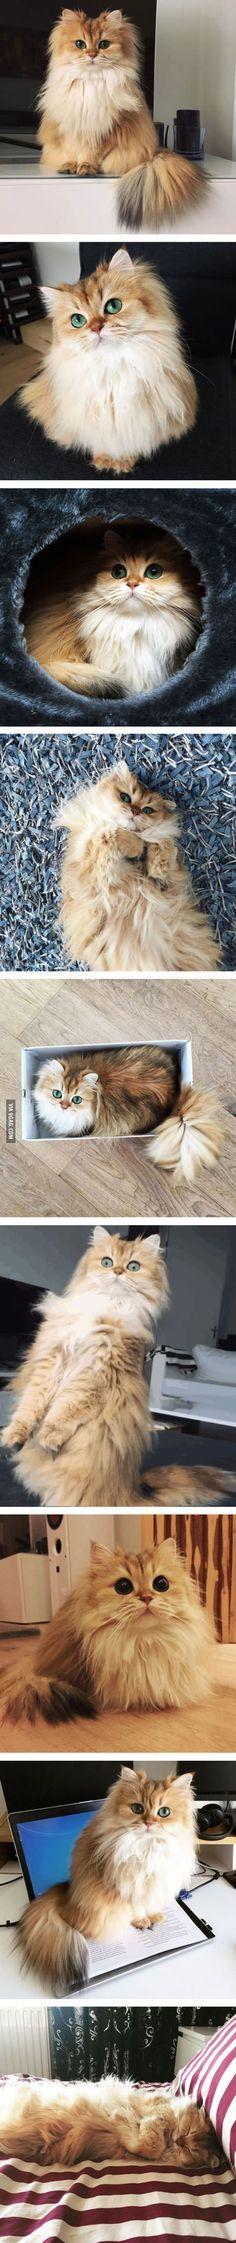 Un gato fotogénico ...